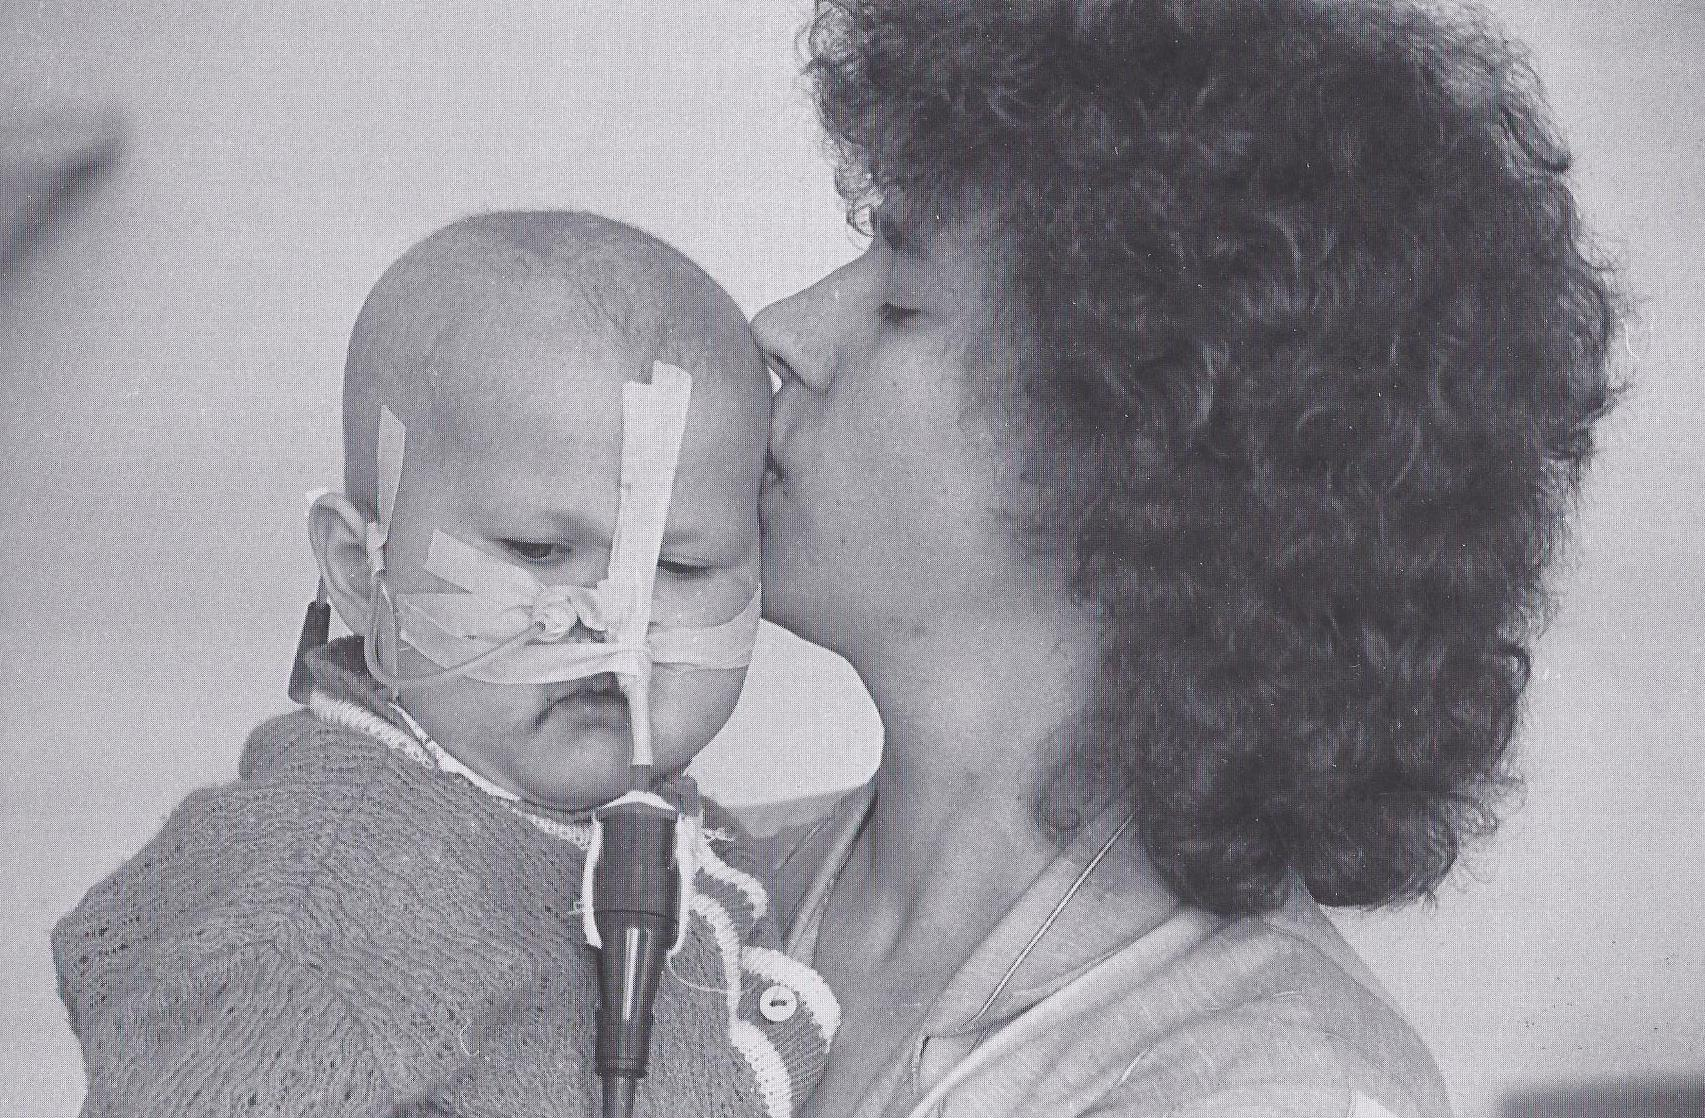 Schmerz. Katya lebte nur drei Jahre. Die Ärzte stellten fest, dass sie mit Leukämie geboren wurde. (1993)